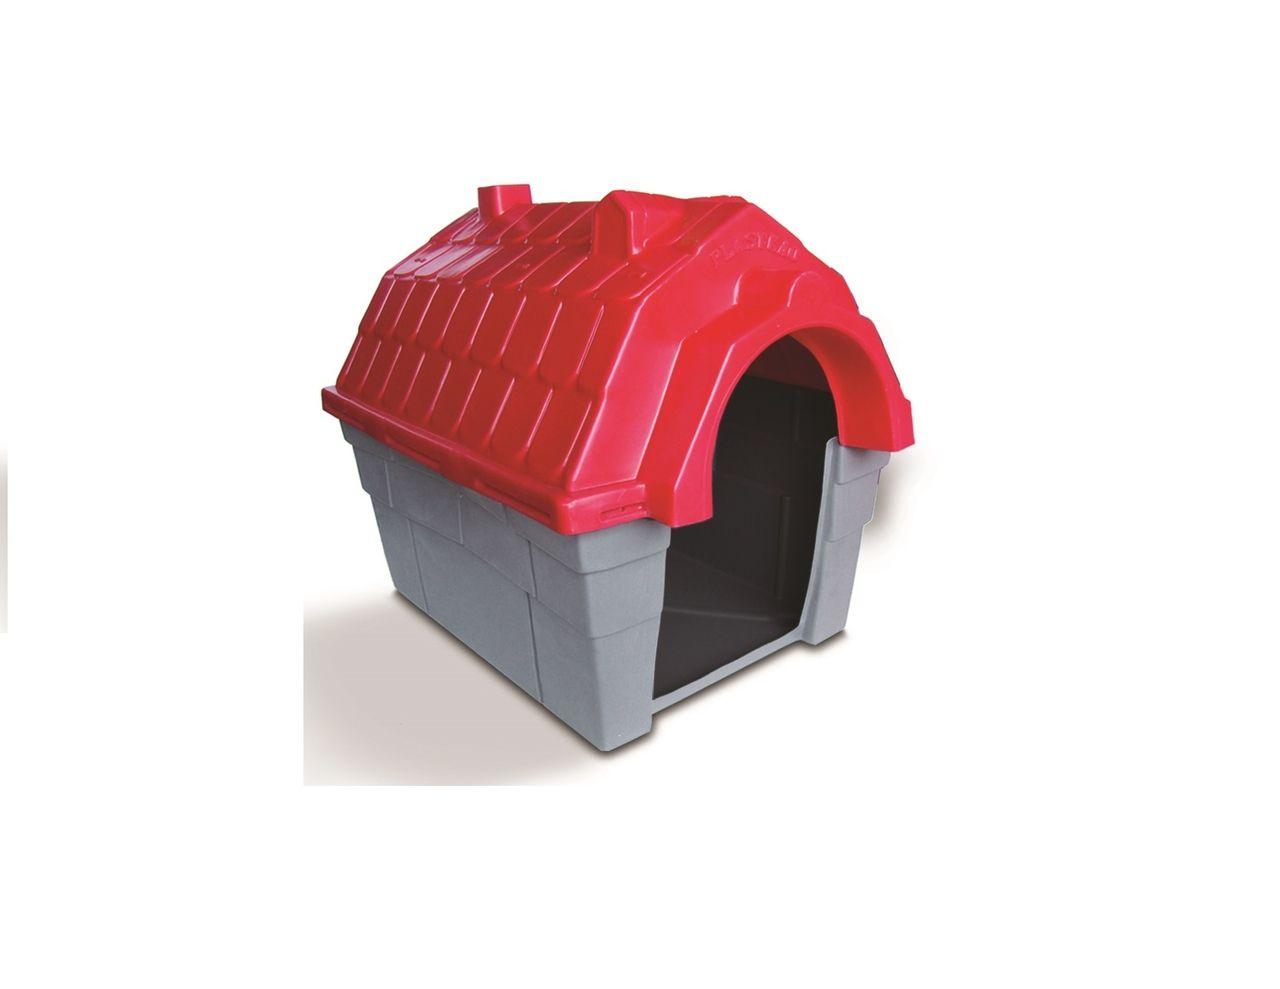 Casinha Cachorro Plástica nº 01 Vermelha